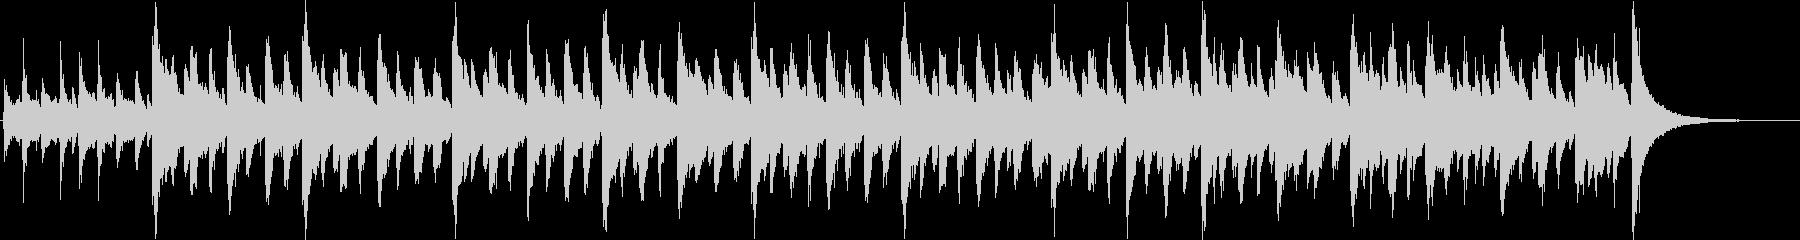 2 ファミコン時代のRPGをベースにの未再生の波形